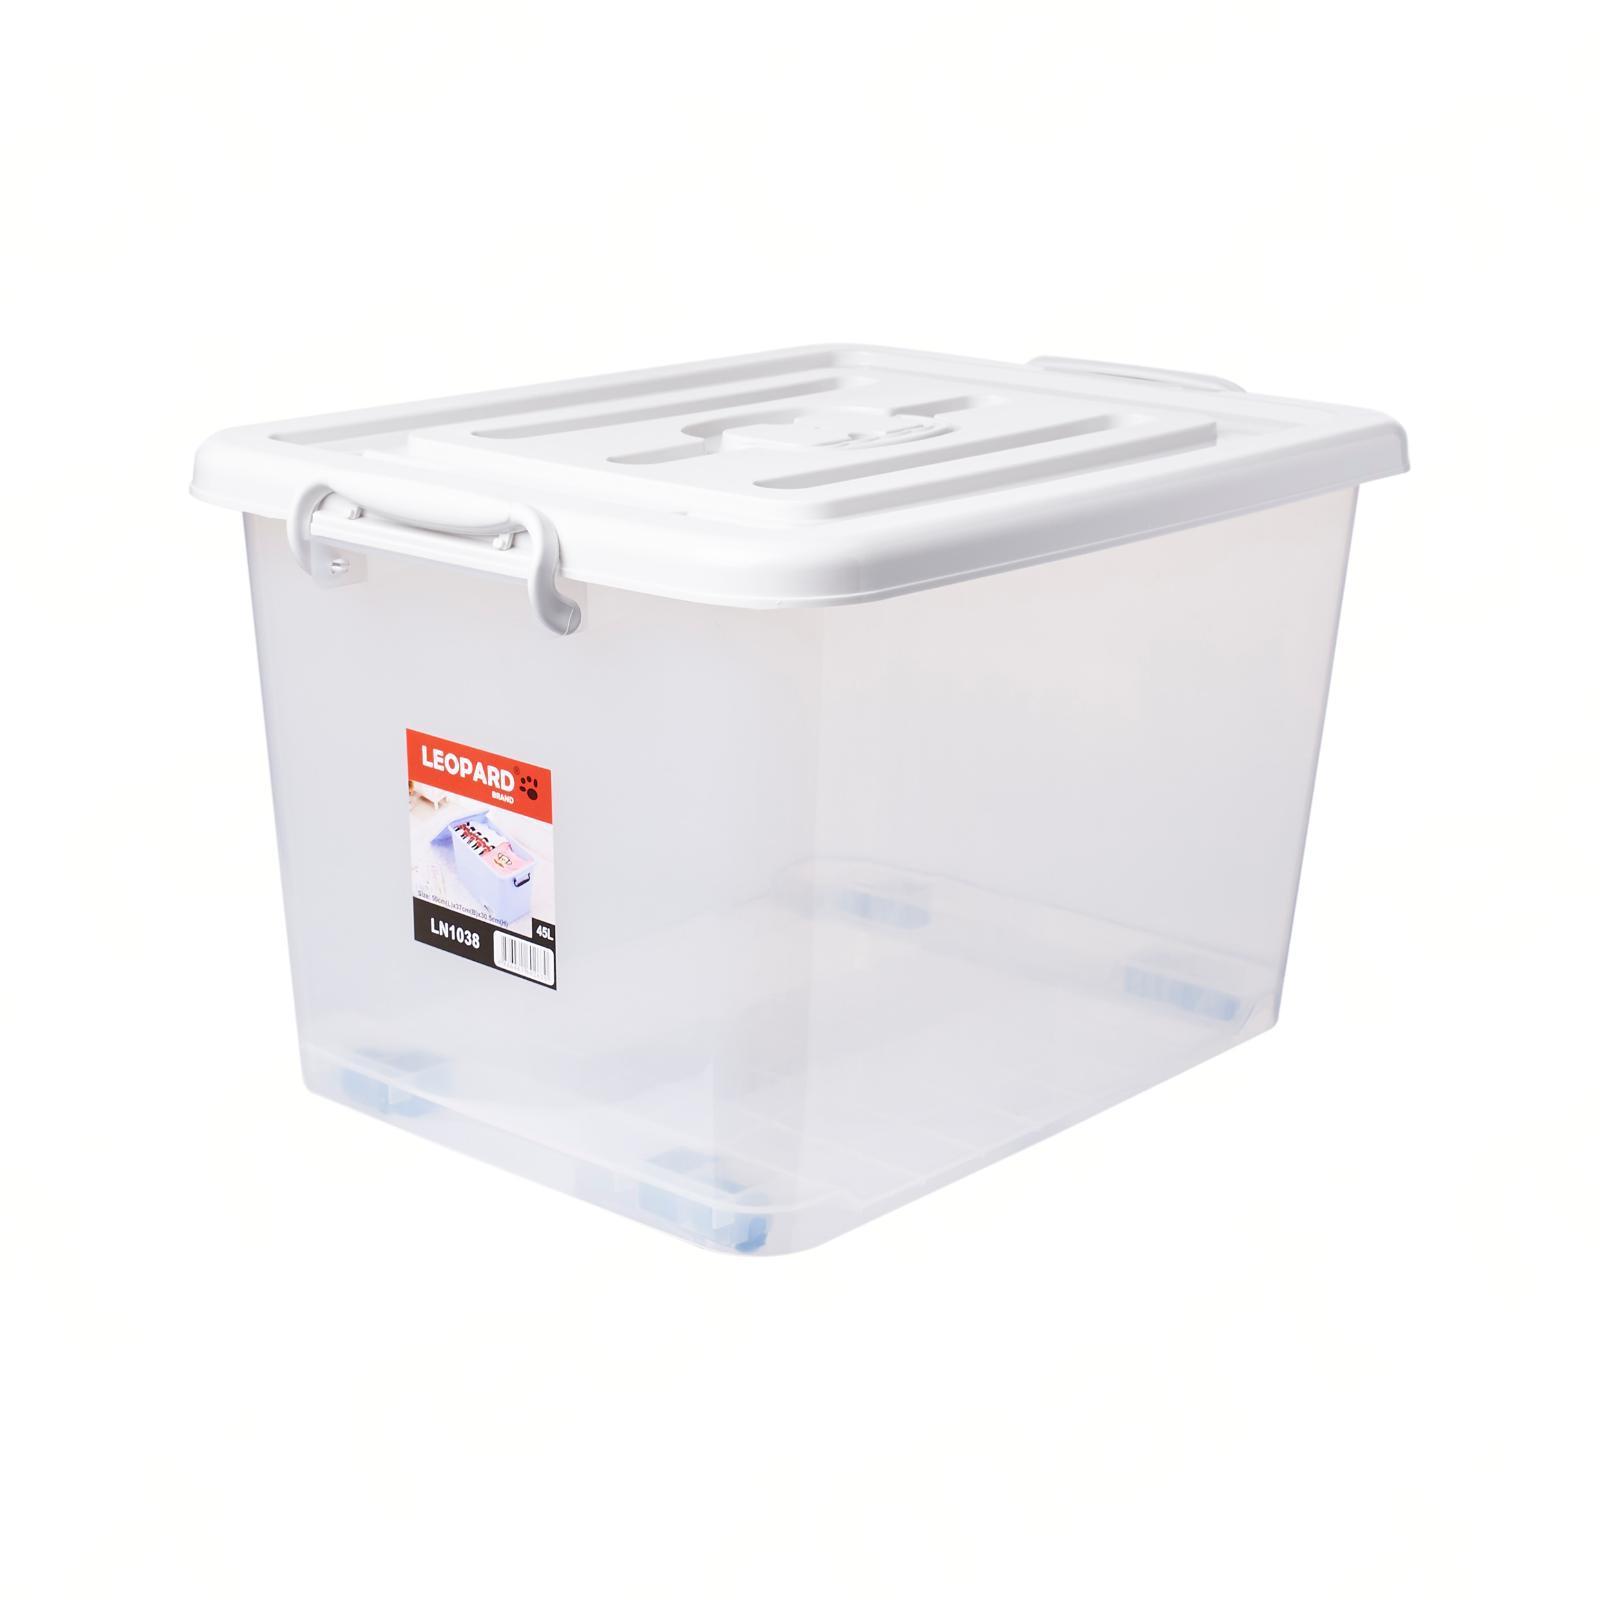 Leopard LN 1038 Storage Box With Wheels 45L